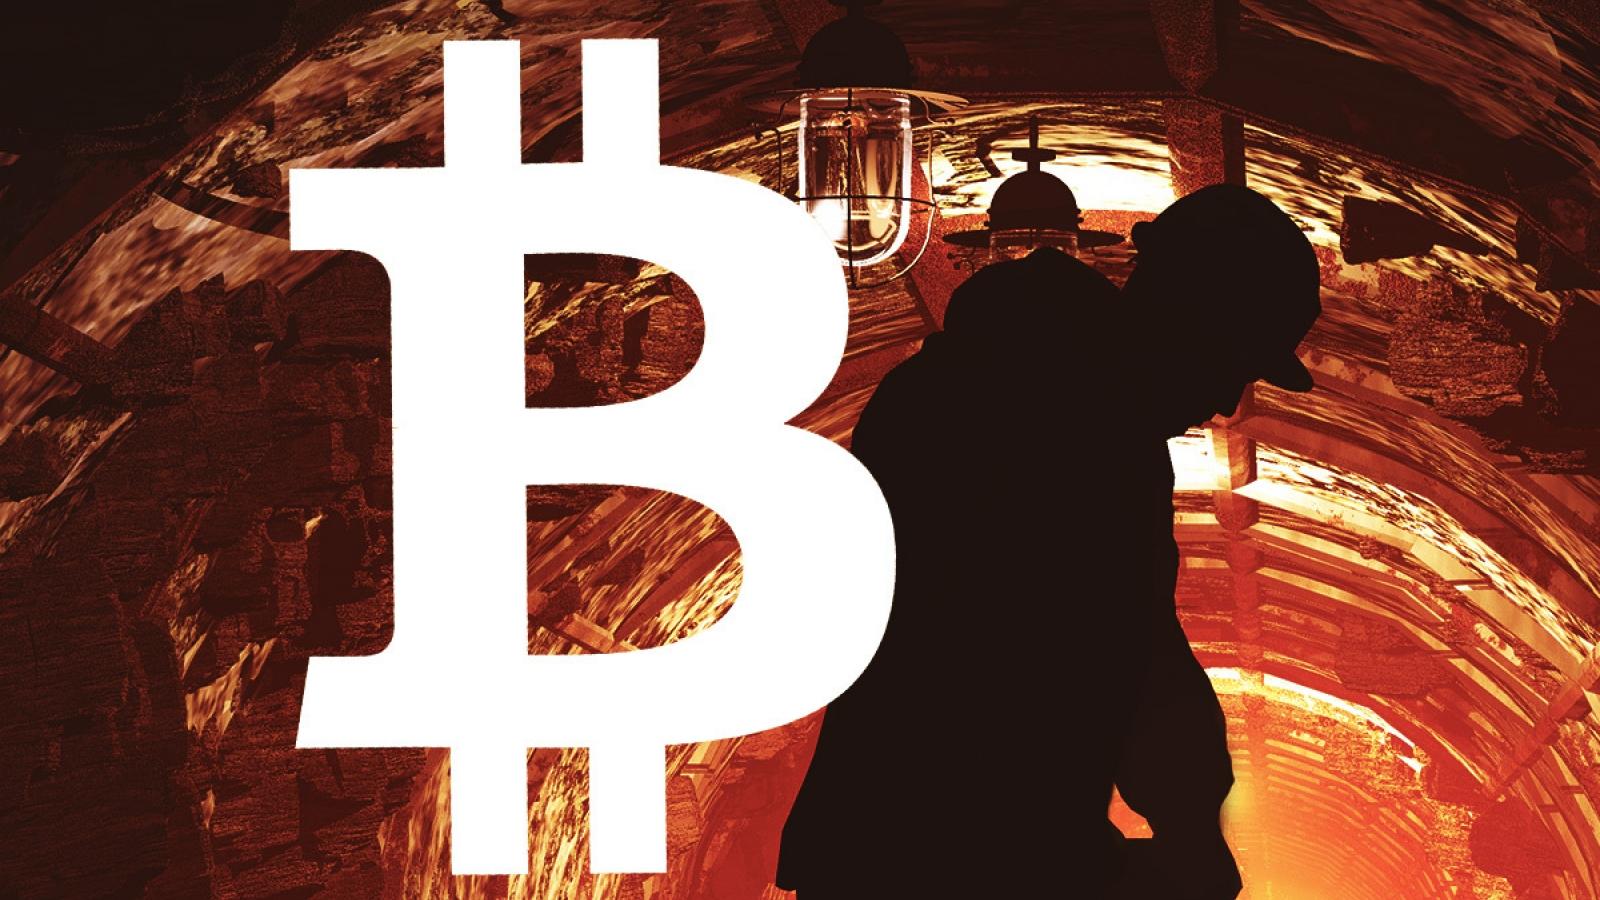 Bitcoin Halving Sonrası BTC Fiyatı Ne Olacak İşte En İyi Üç Fiyat Tahmini